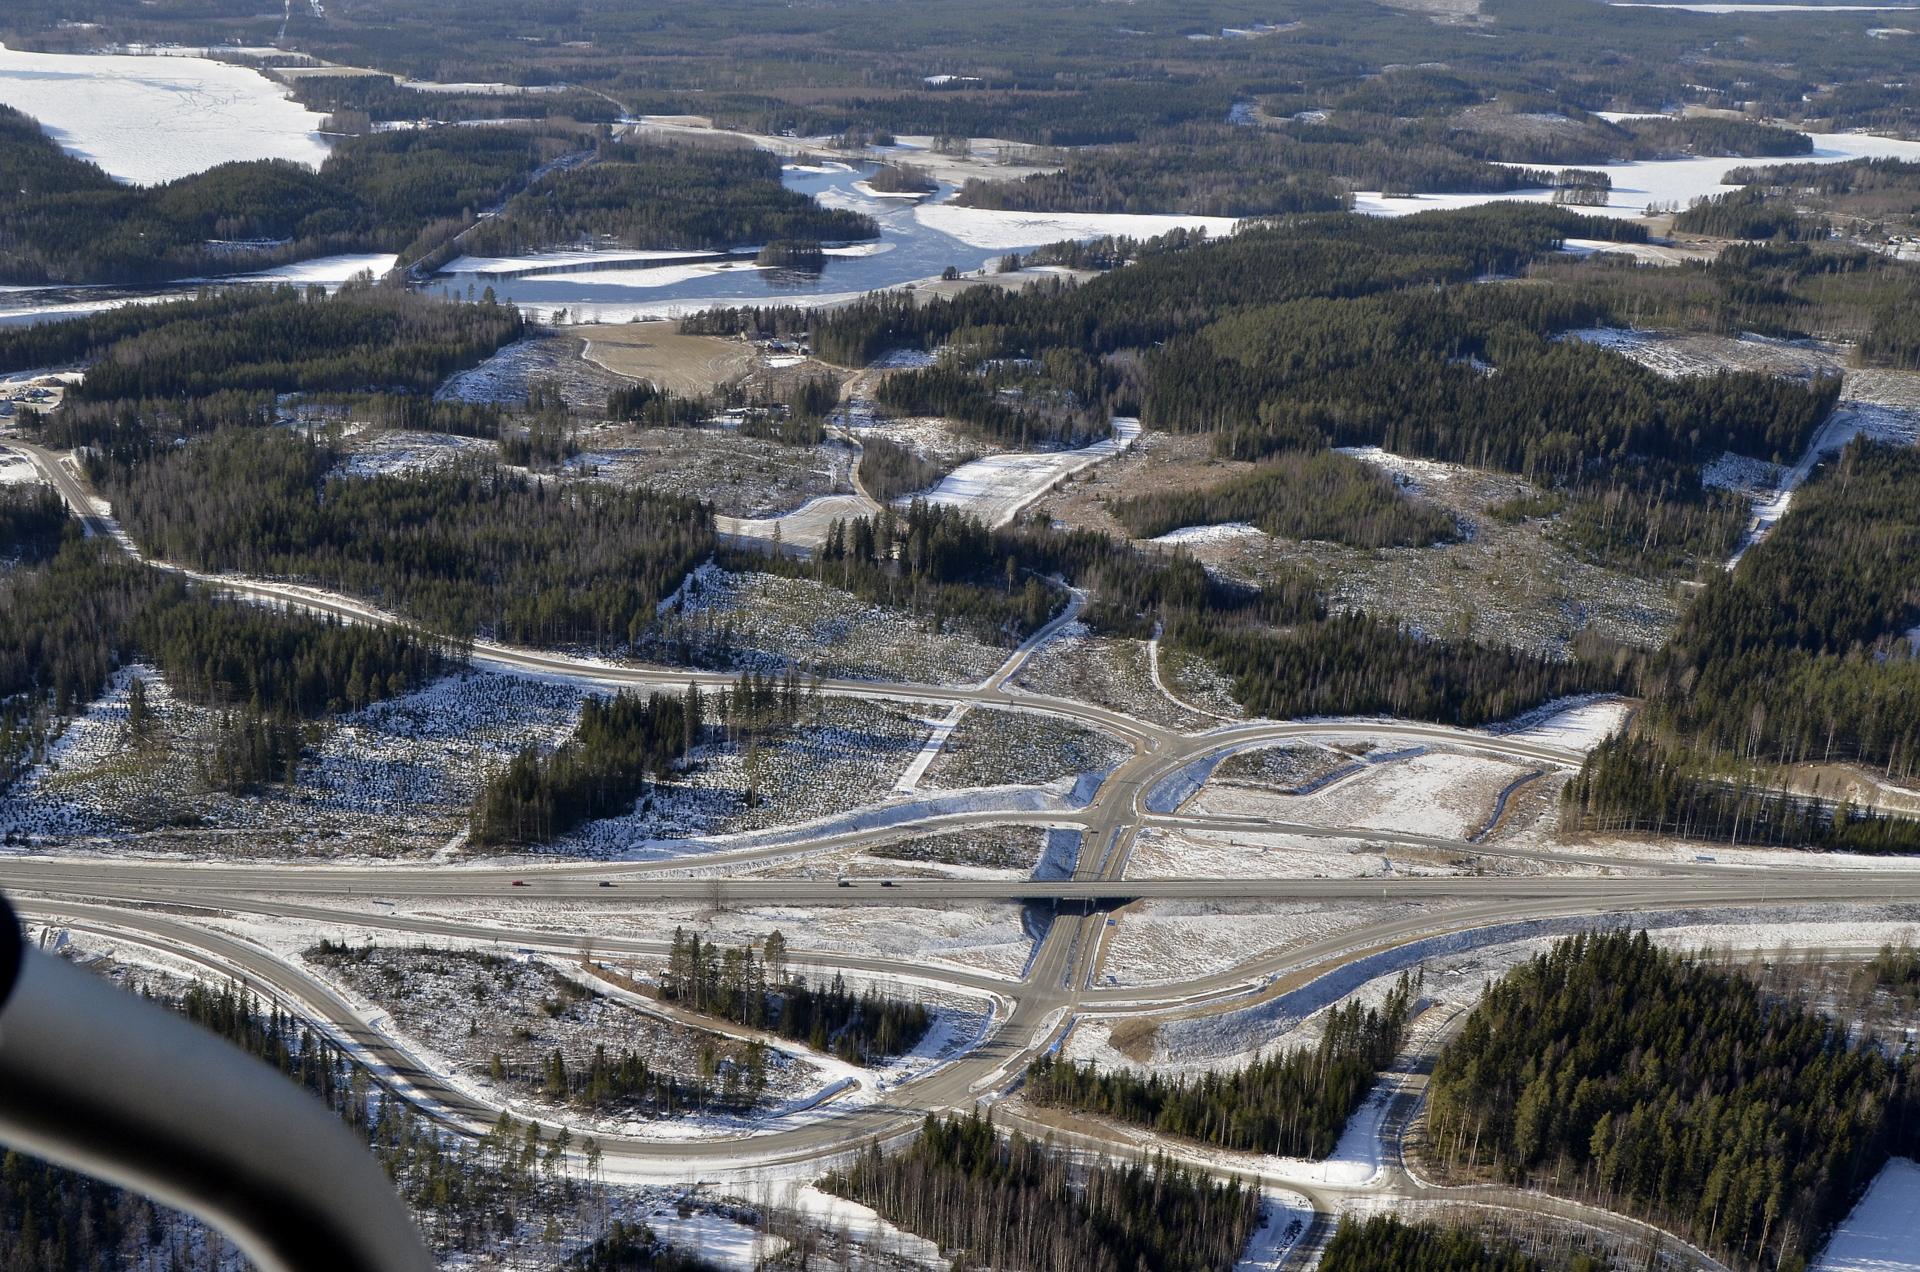 Akanniemen risteys, tai millä nimellä tämä lie nykyään tunnetaan. Samasta risteyksestä kuljetaan Viitalahteen ja Järvenpäähän.